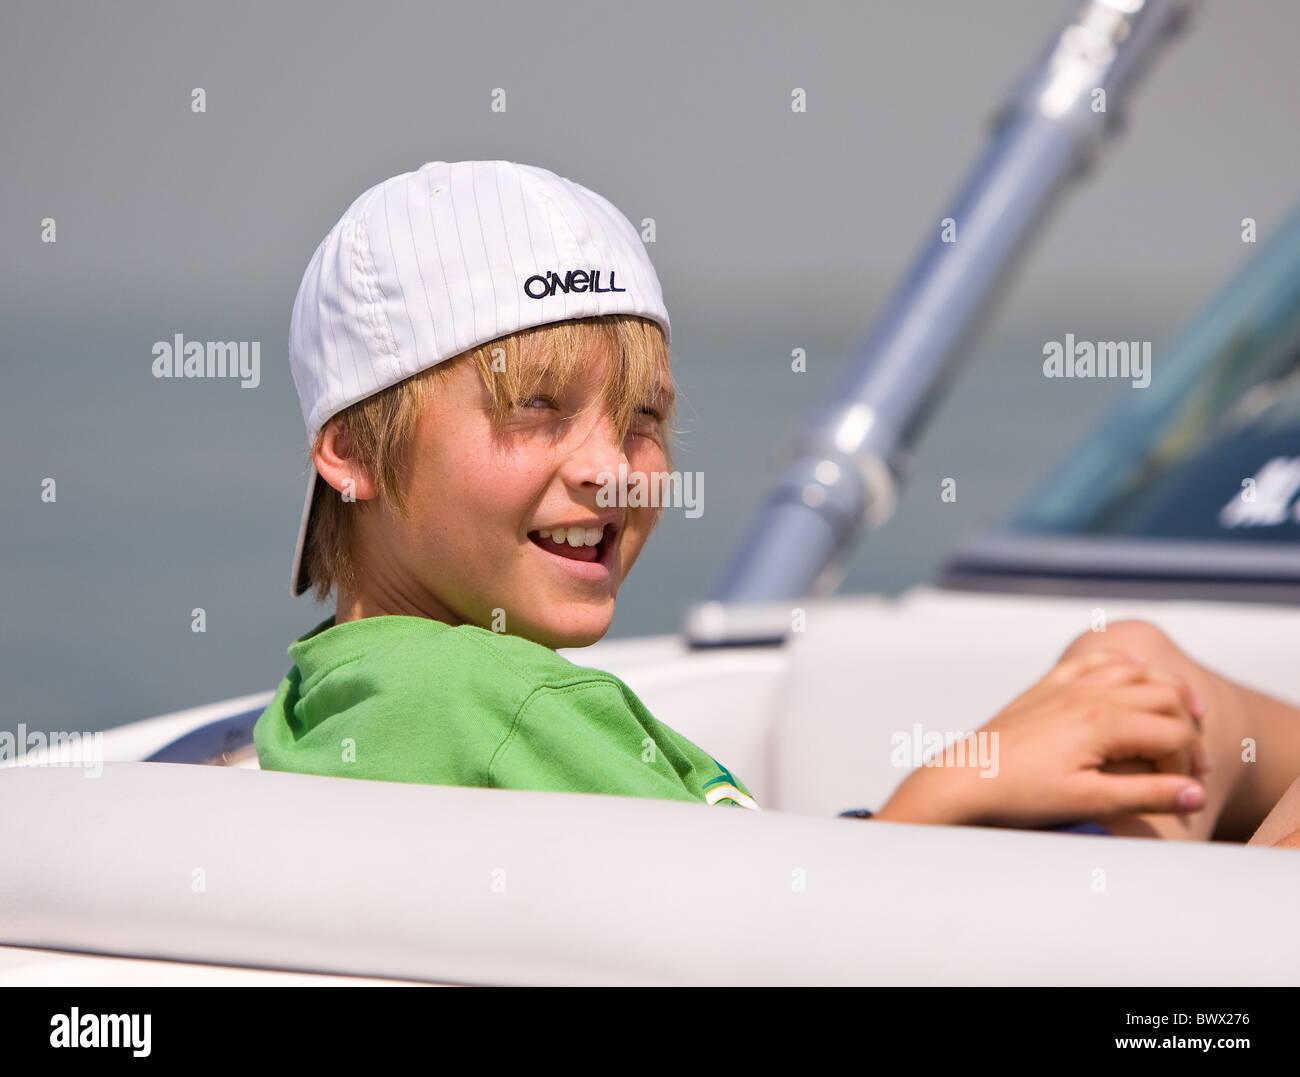 Freche junge mit Hut umgekehrt saß in einem Schnellboot Stockbild